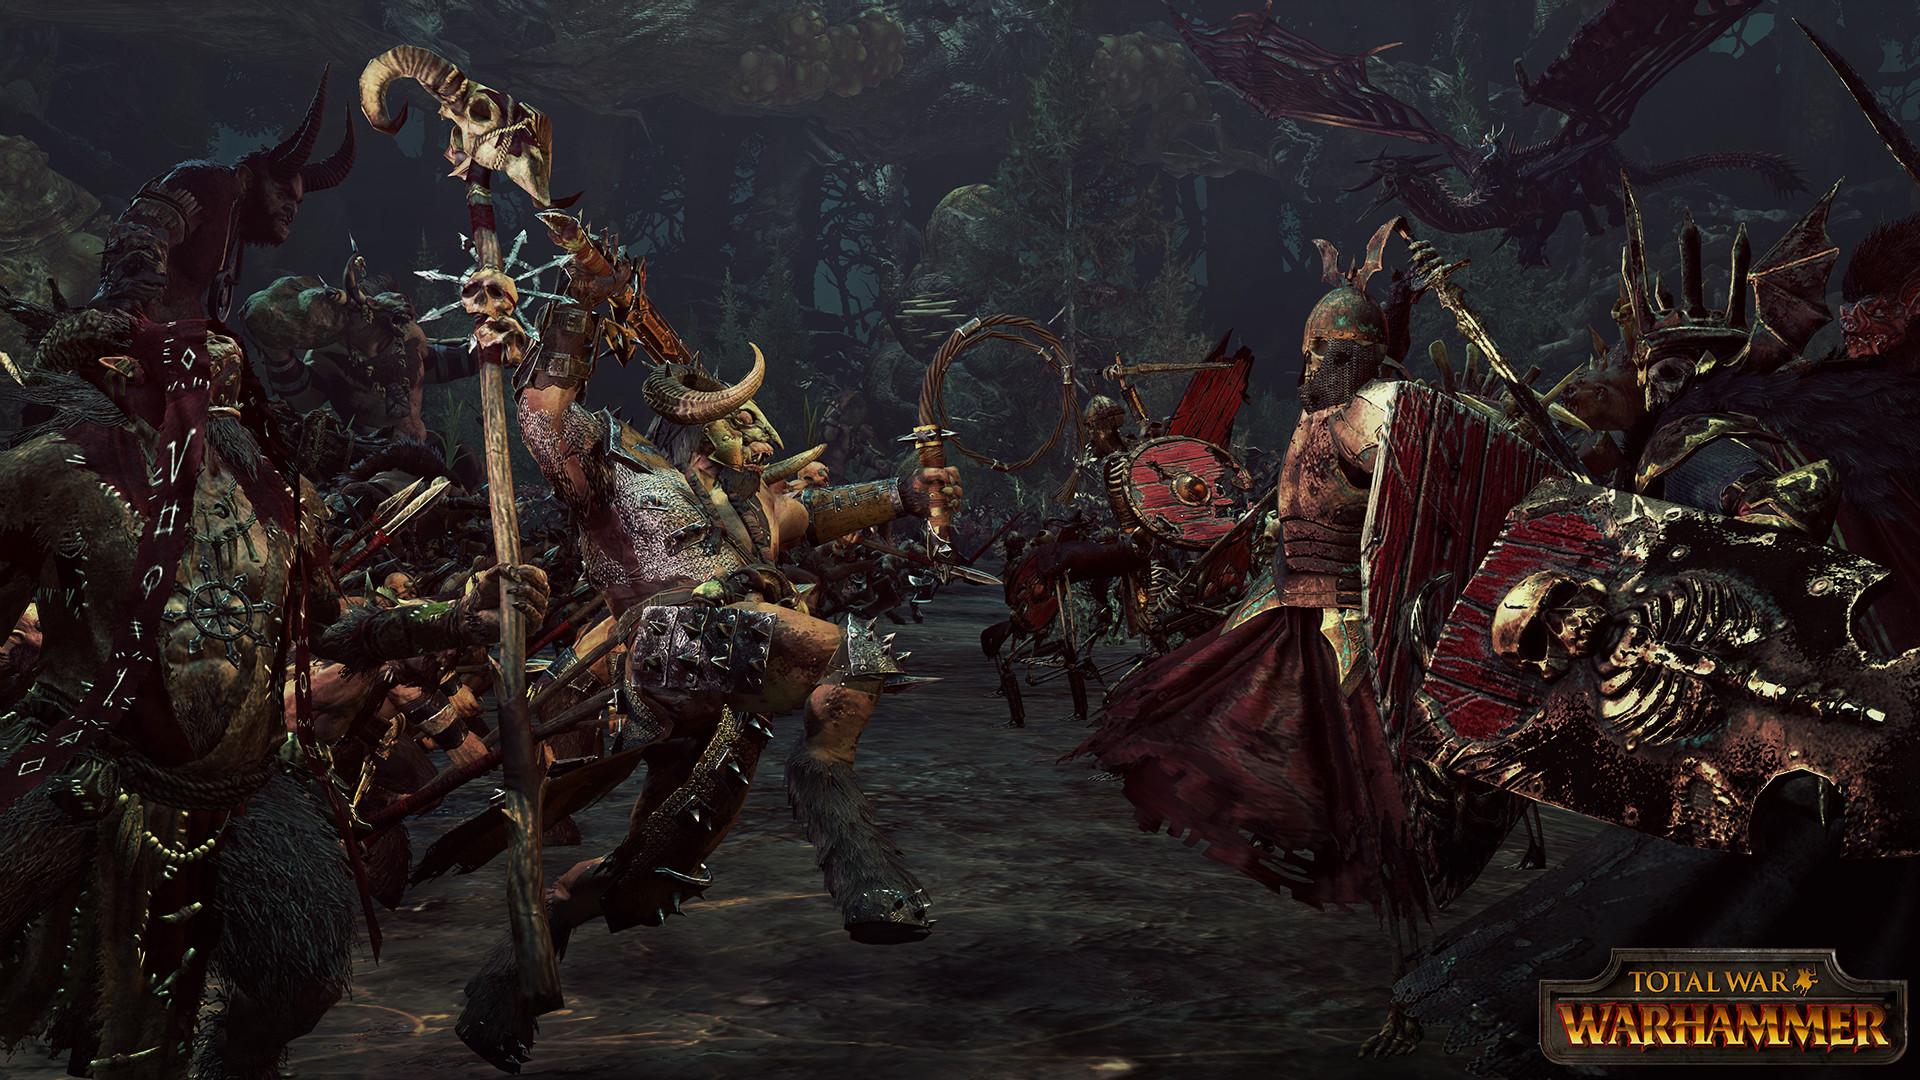 Wallpaper BeastMen HD · Total War